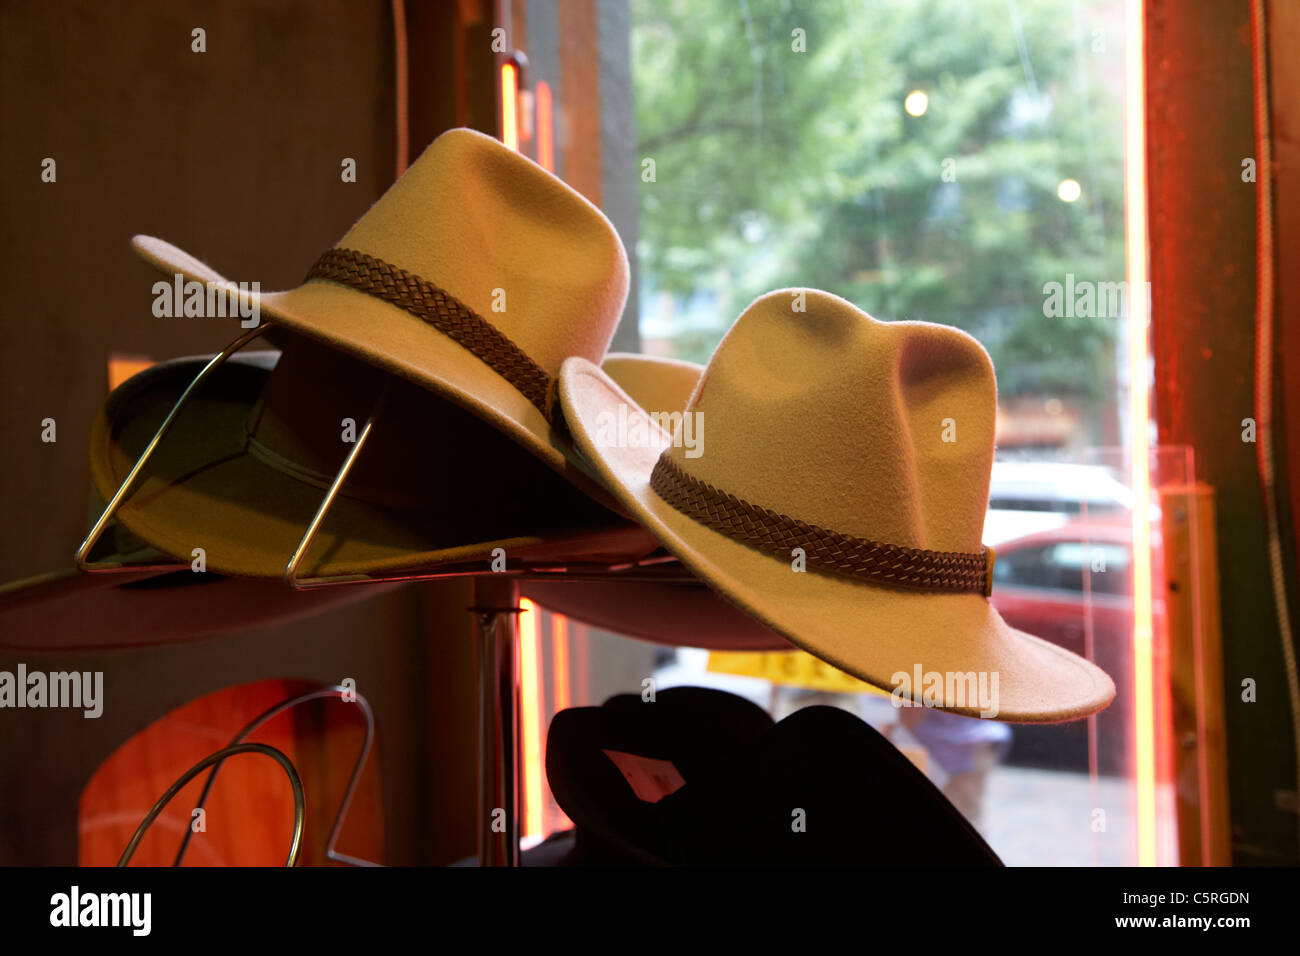 Cappelli da cowboy in vendita nella vetrina di un negozio di Nashville  Tennessee USA Immagini Stock f07f51a32759